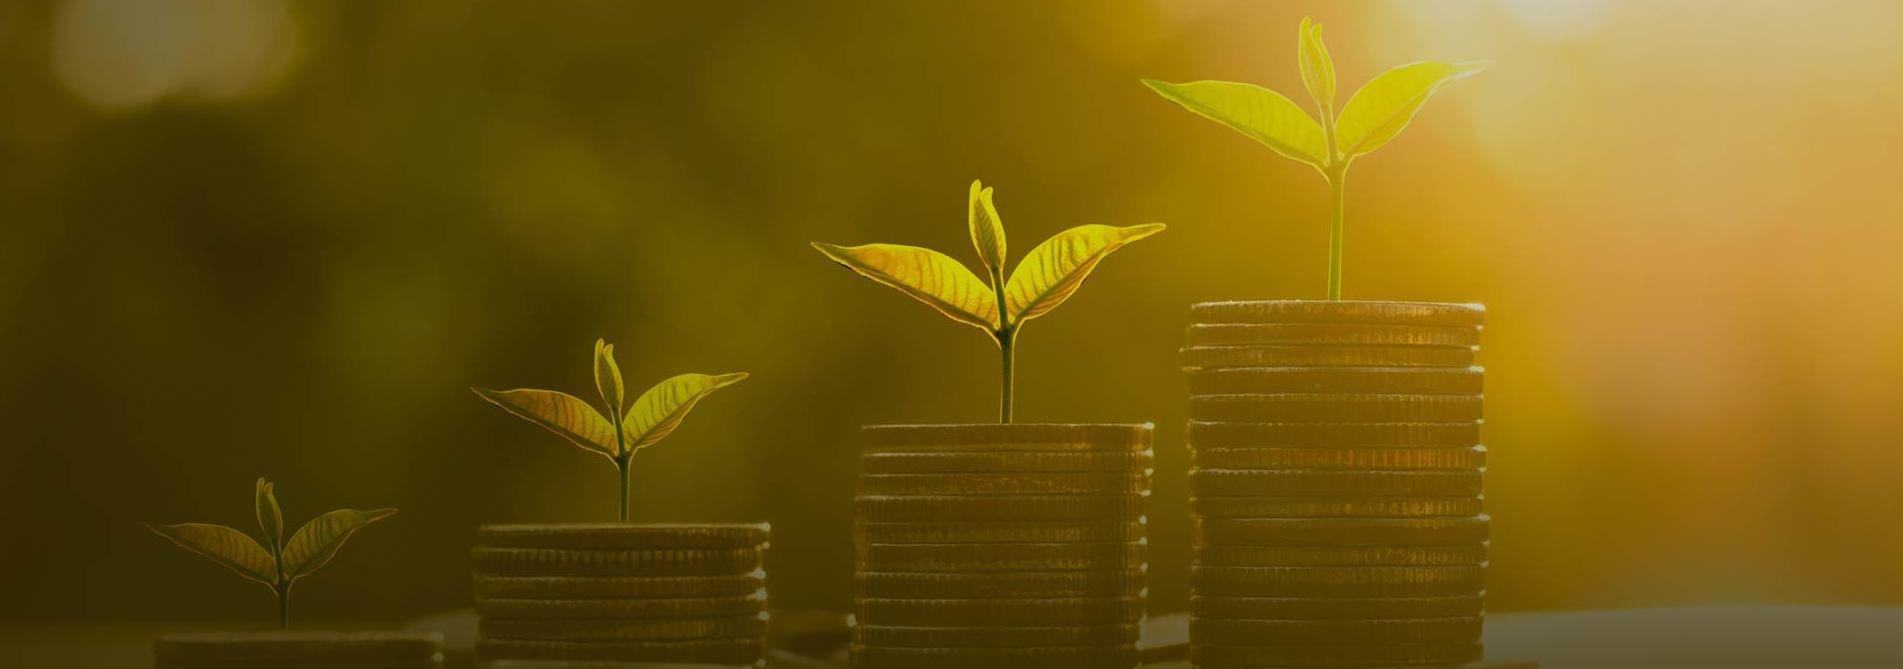 NEDFi Venture Capital Limited | Venture Capital